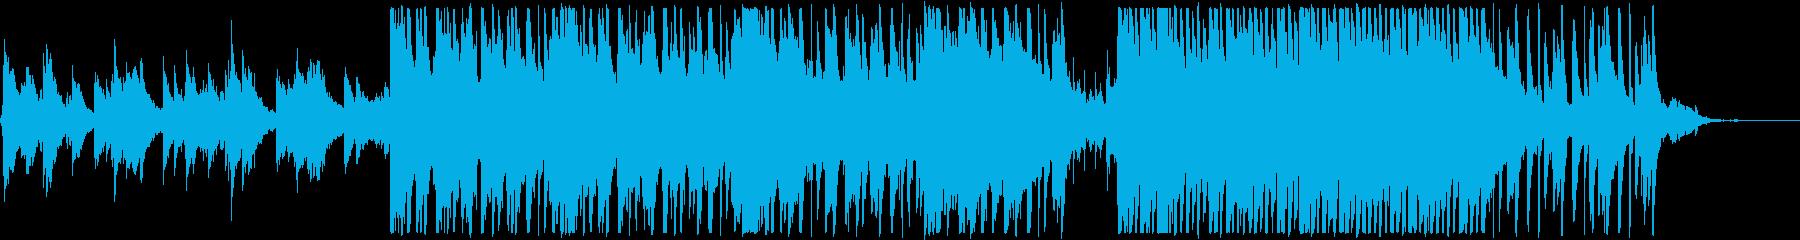 ピアノメインの新しい一日が始まる系BGMの再生済みの波形